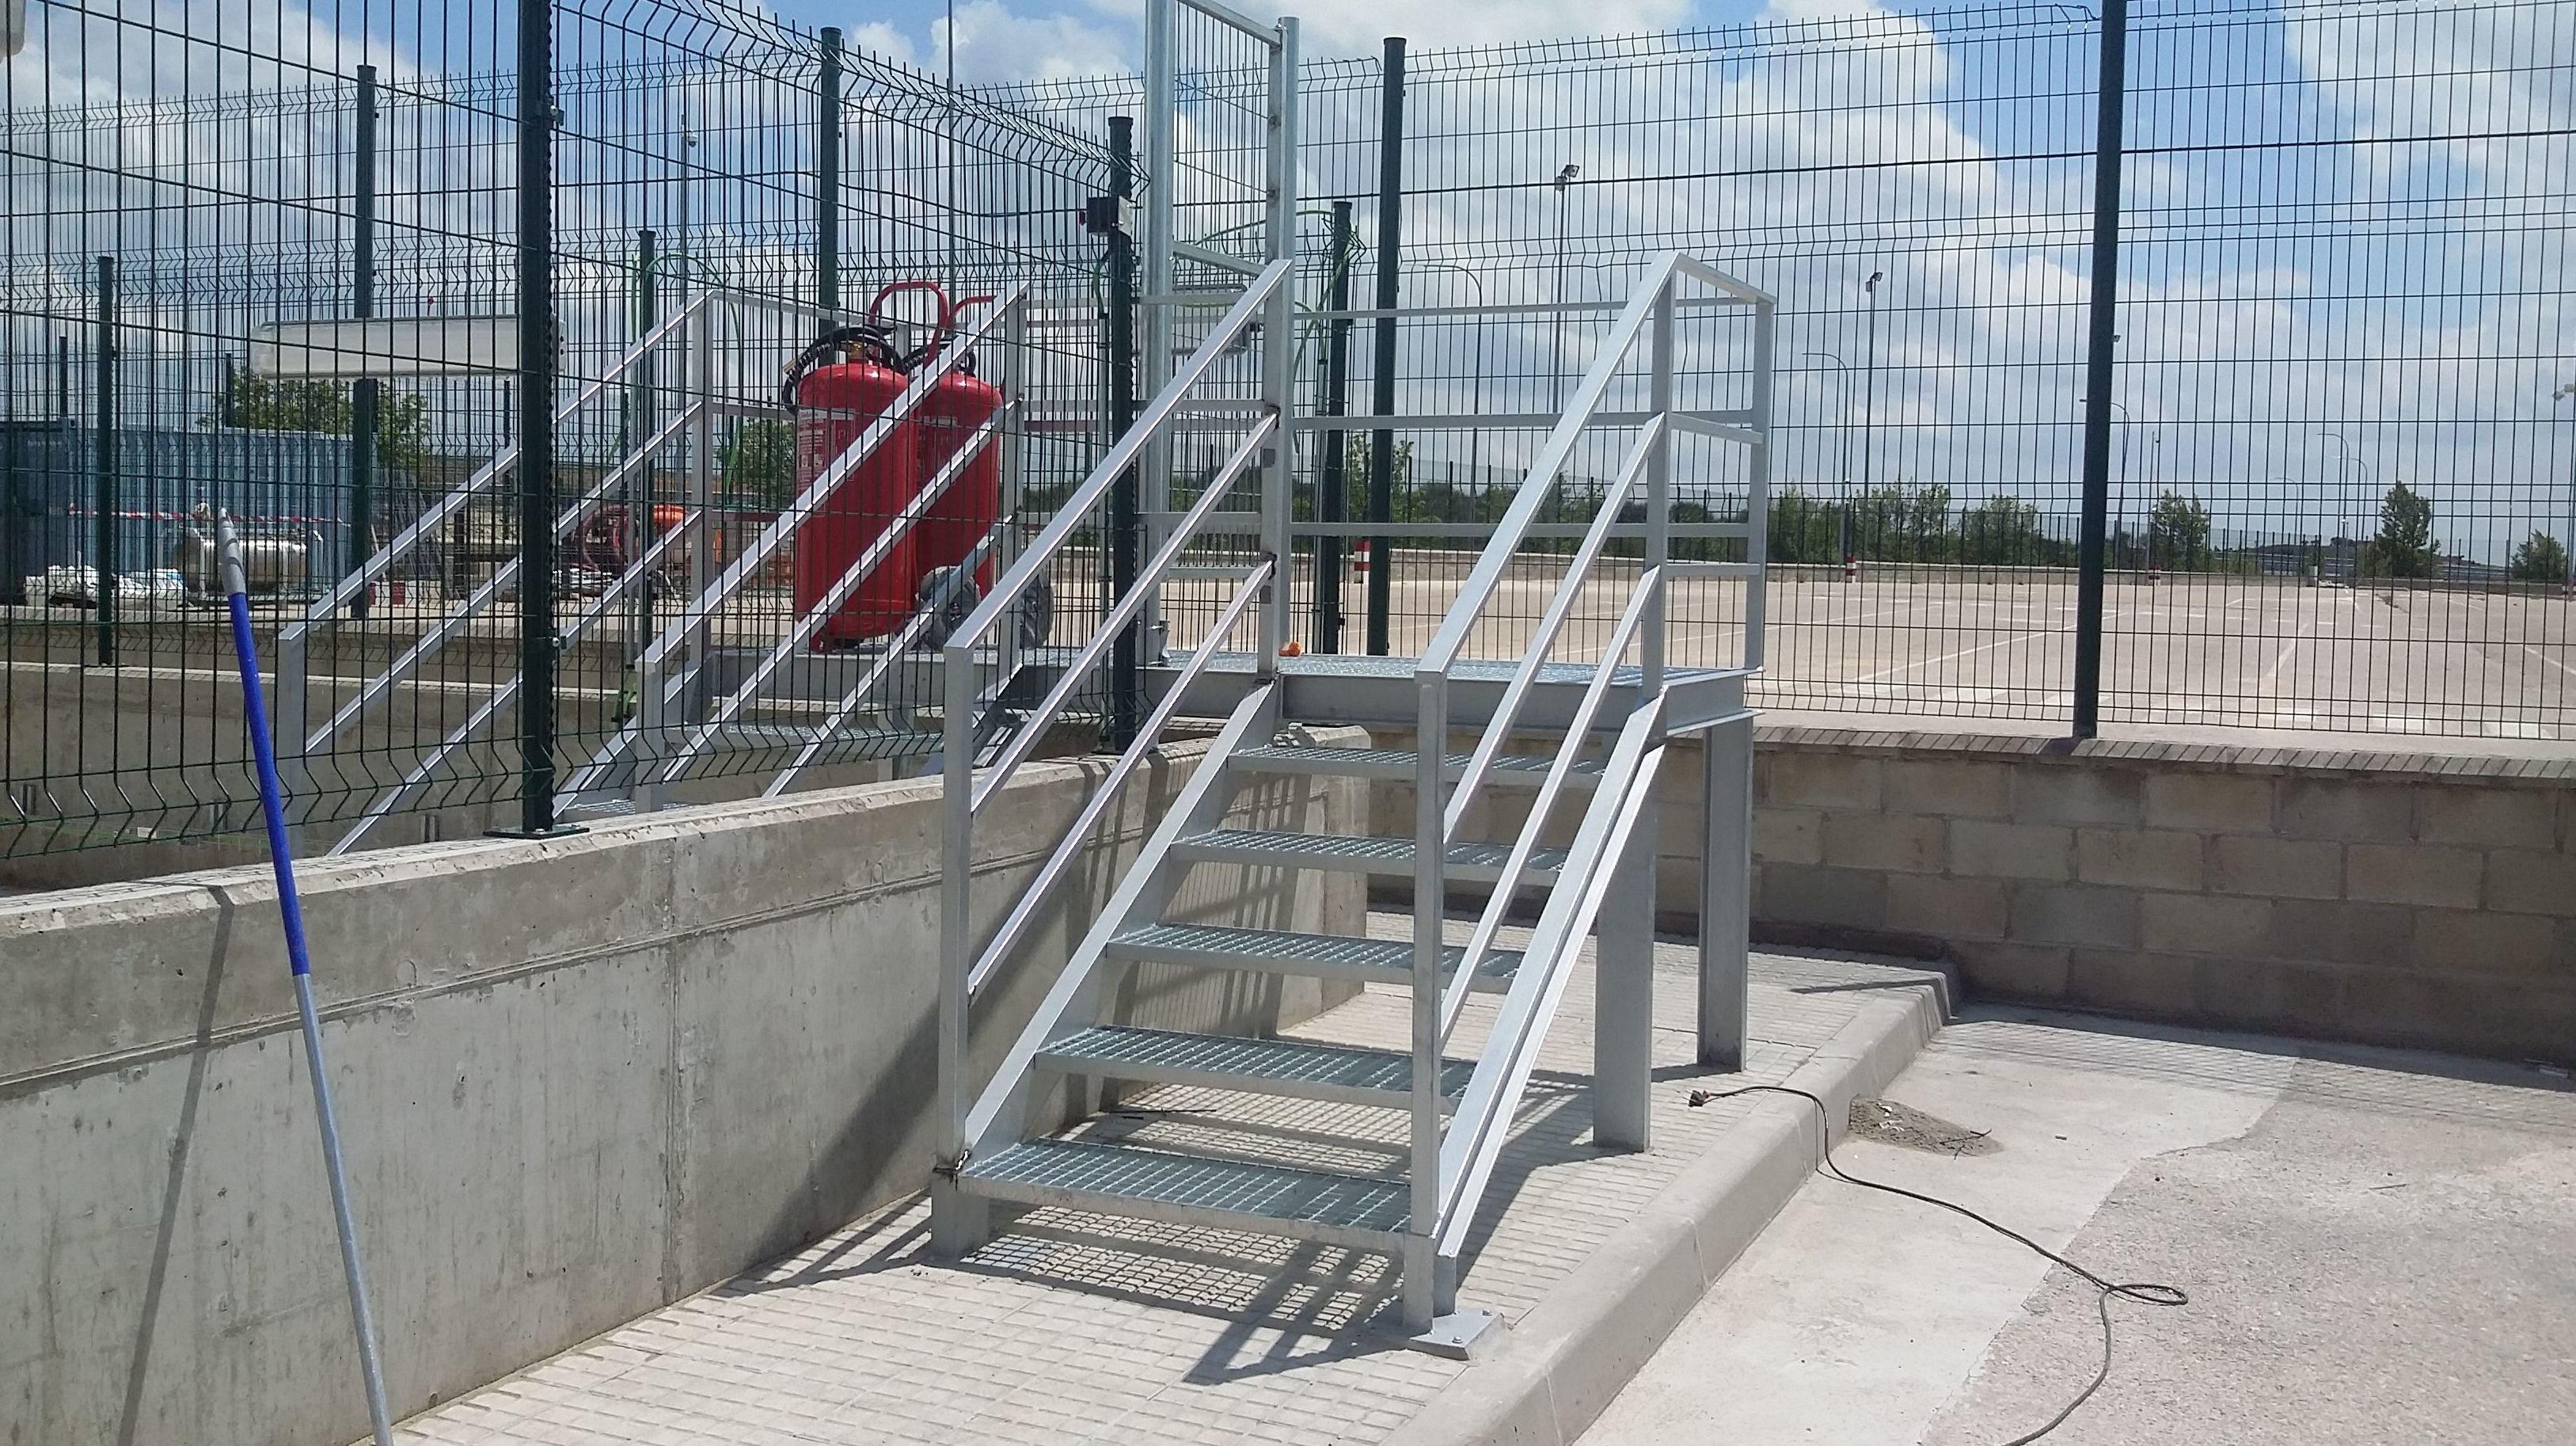 Fabricación y montaje de escaleras para con vallado para acceso a depositos de gas en estación de servicio en Burgos